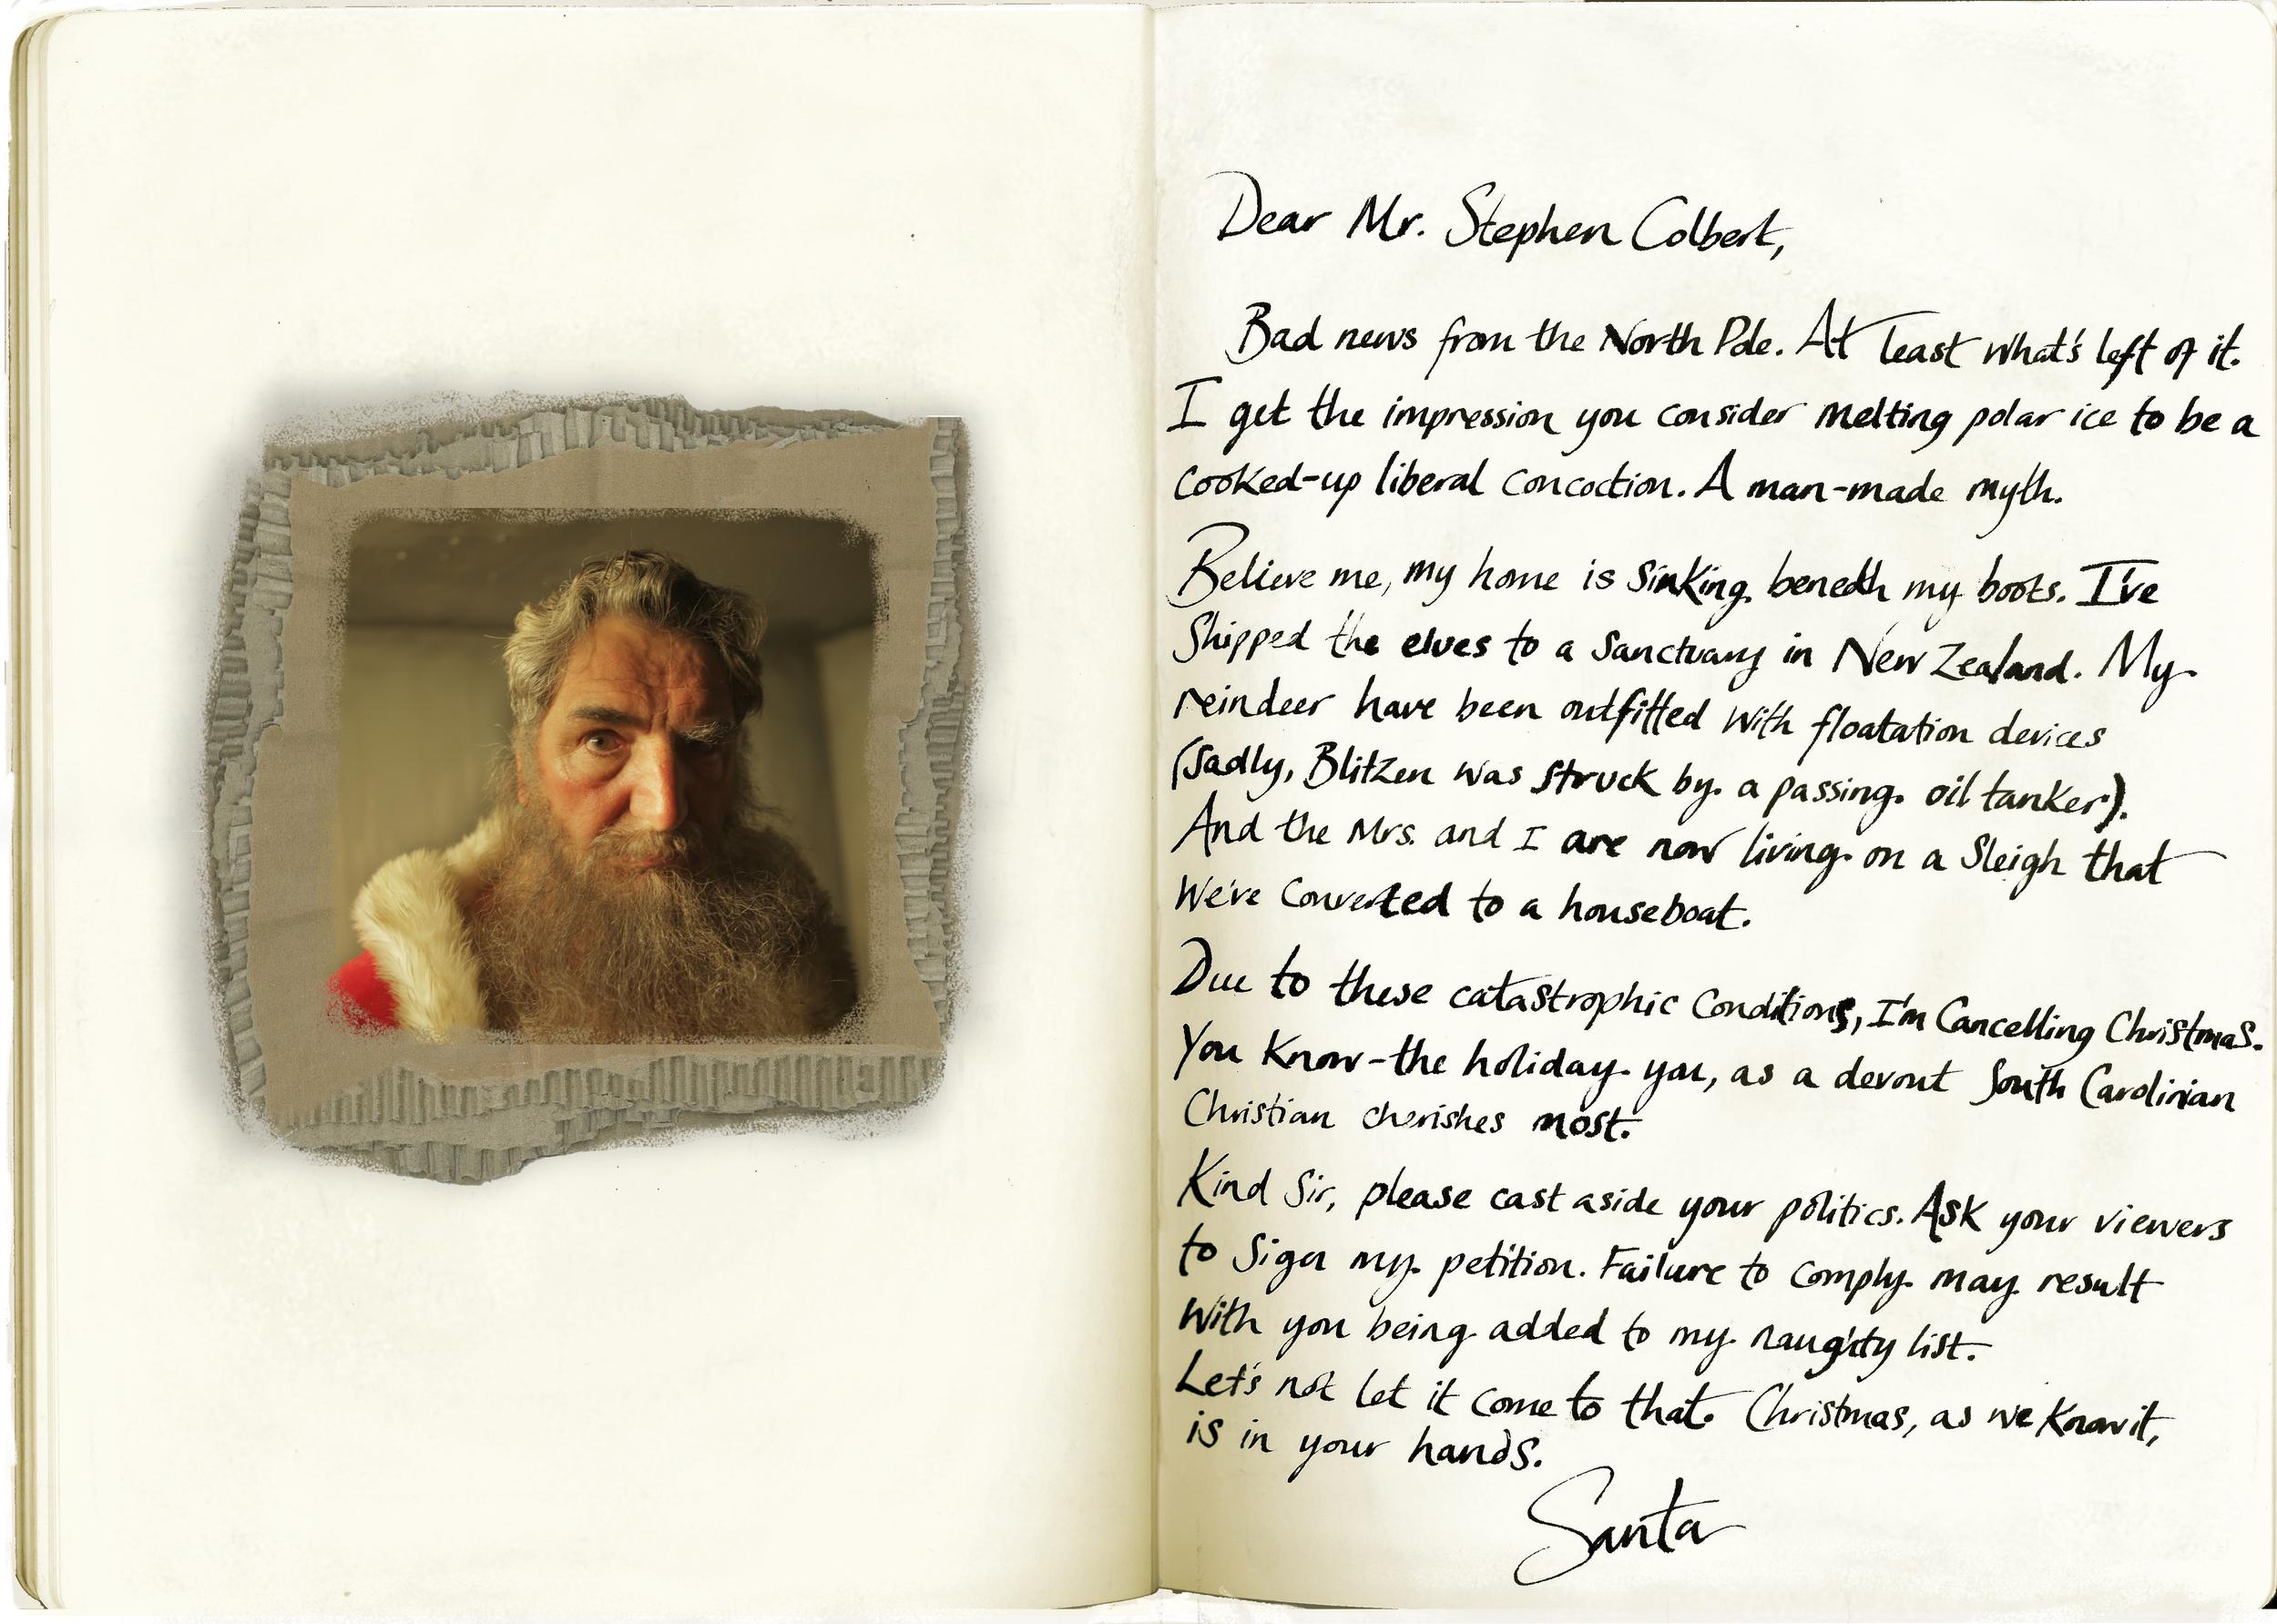 Santa's Desperate letter to Stephen Colbert